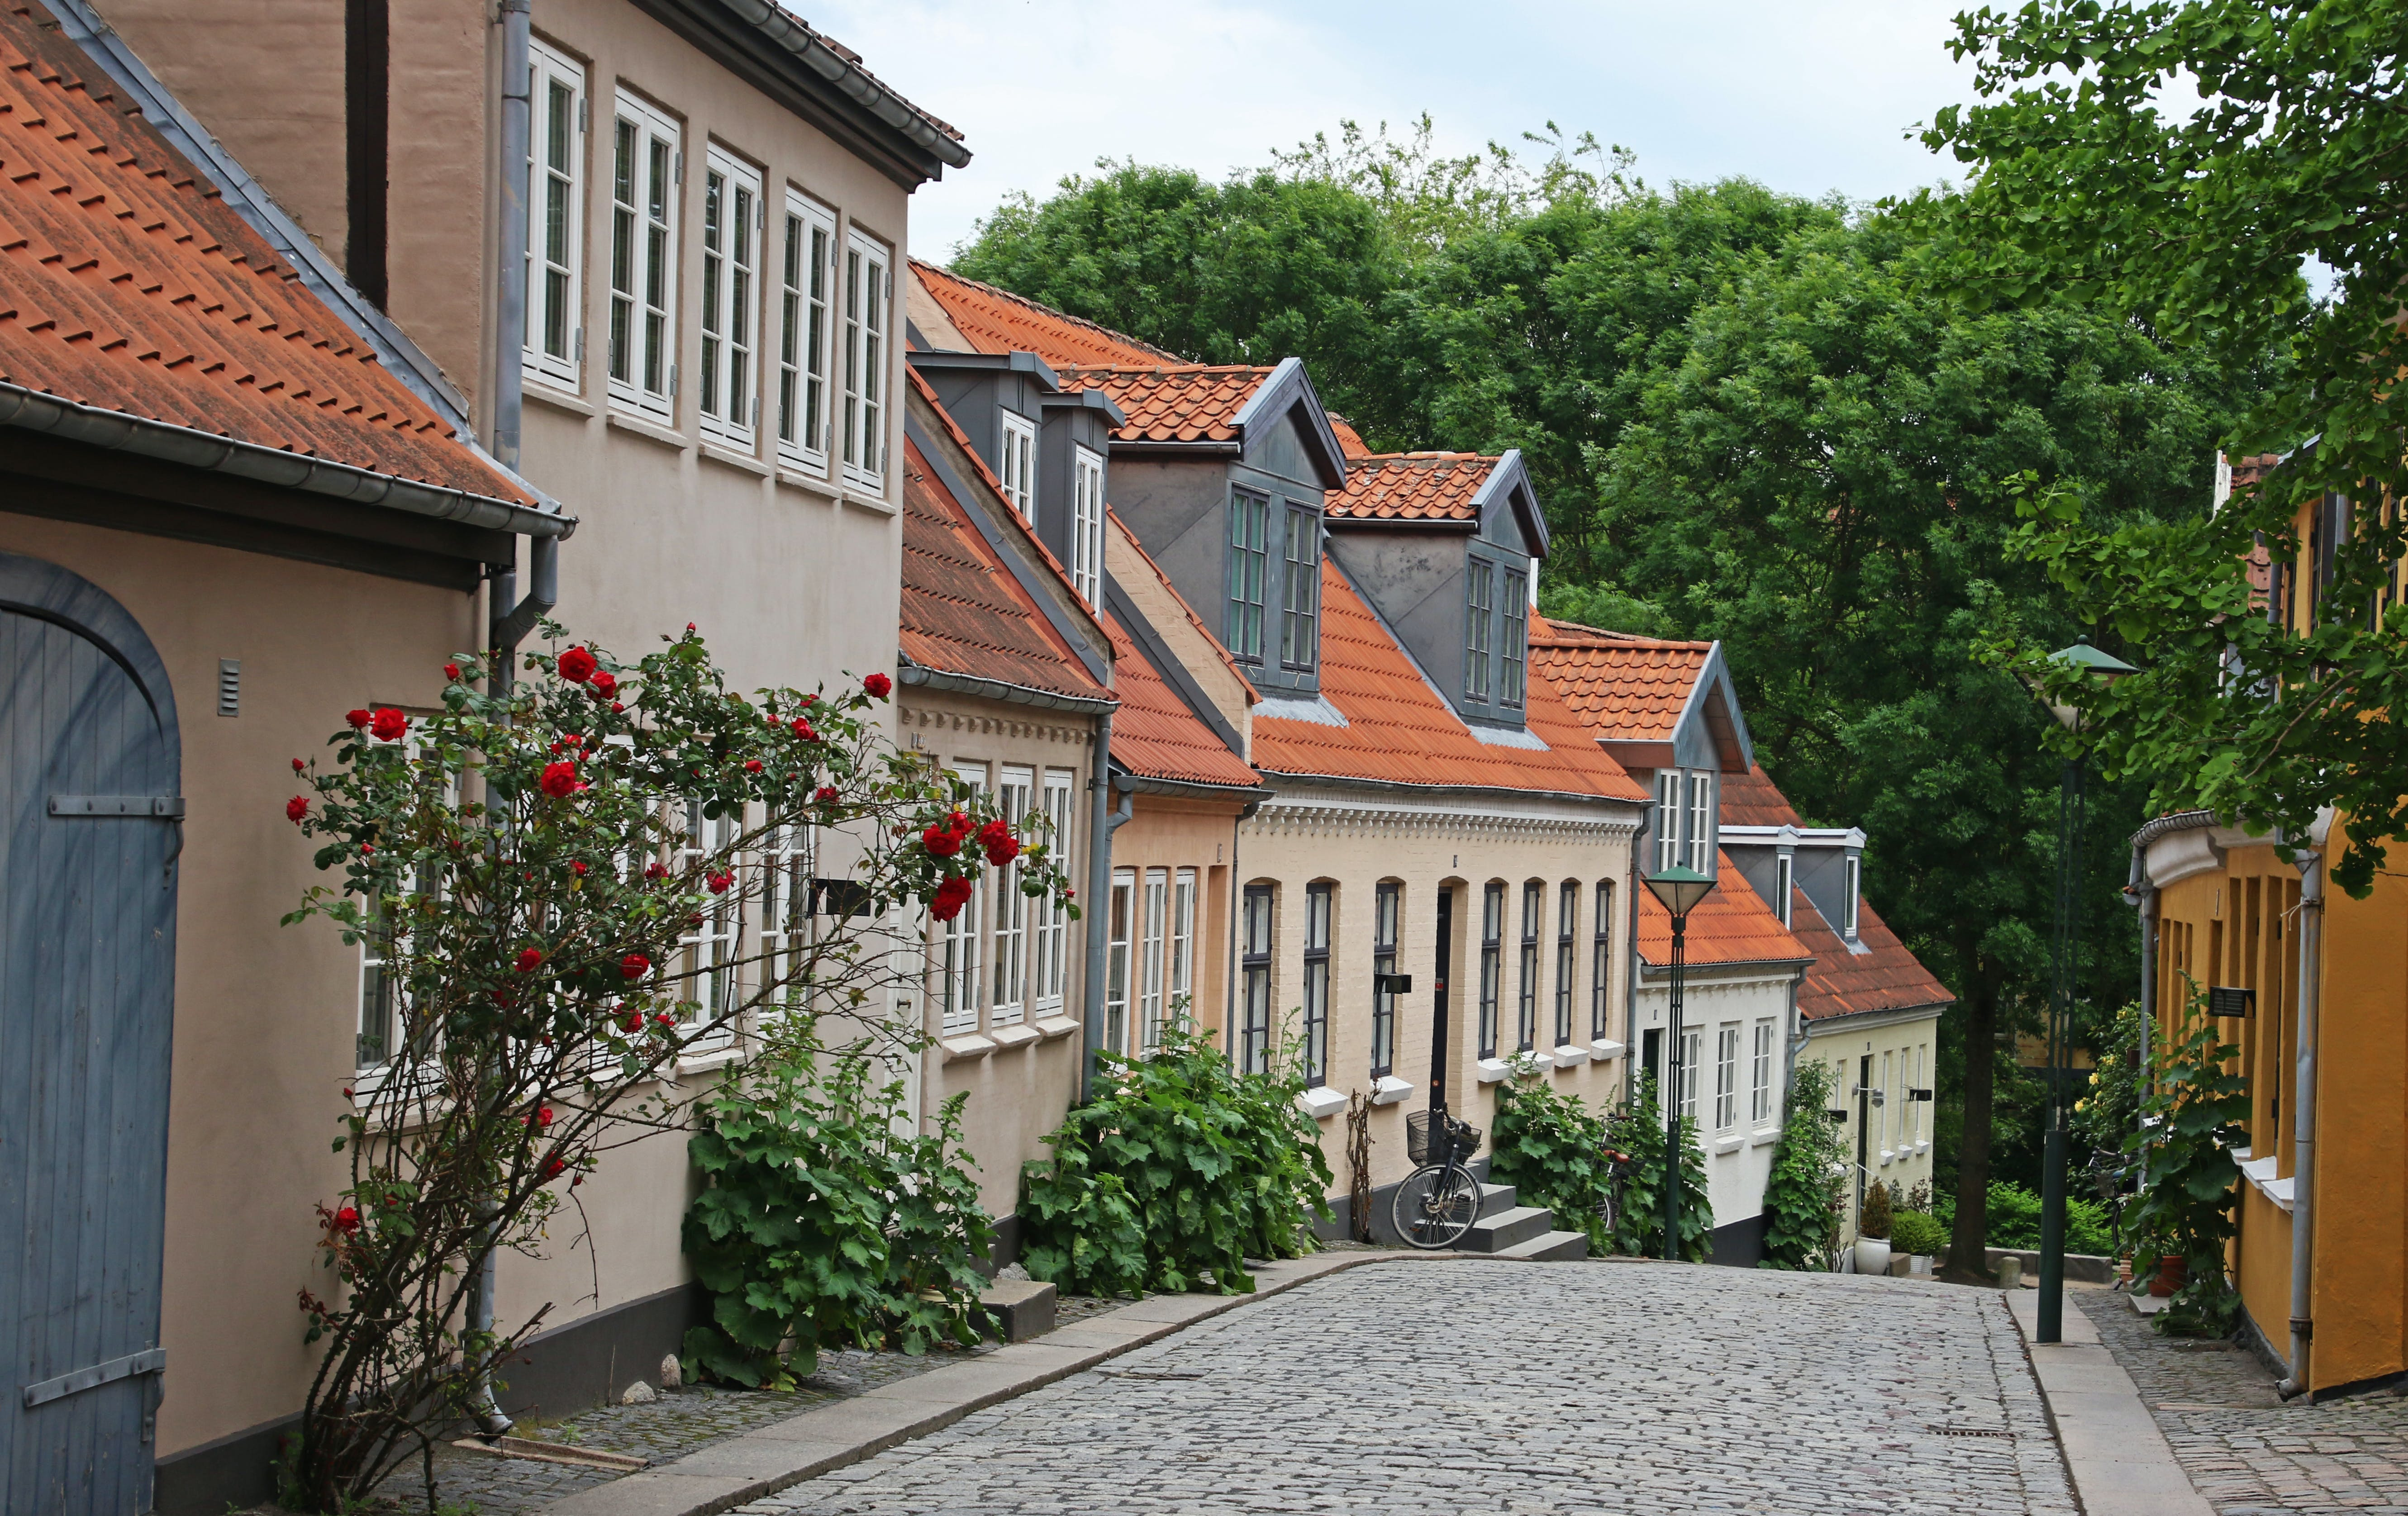 Δωρεάν στοκ φωτογραφιών με αρχιτεκτονική, δέντρα, δρόμος, εξωτερικός χώρος